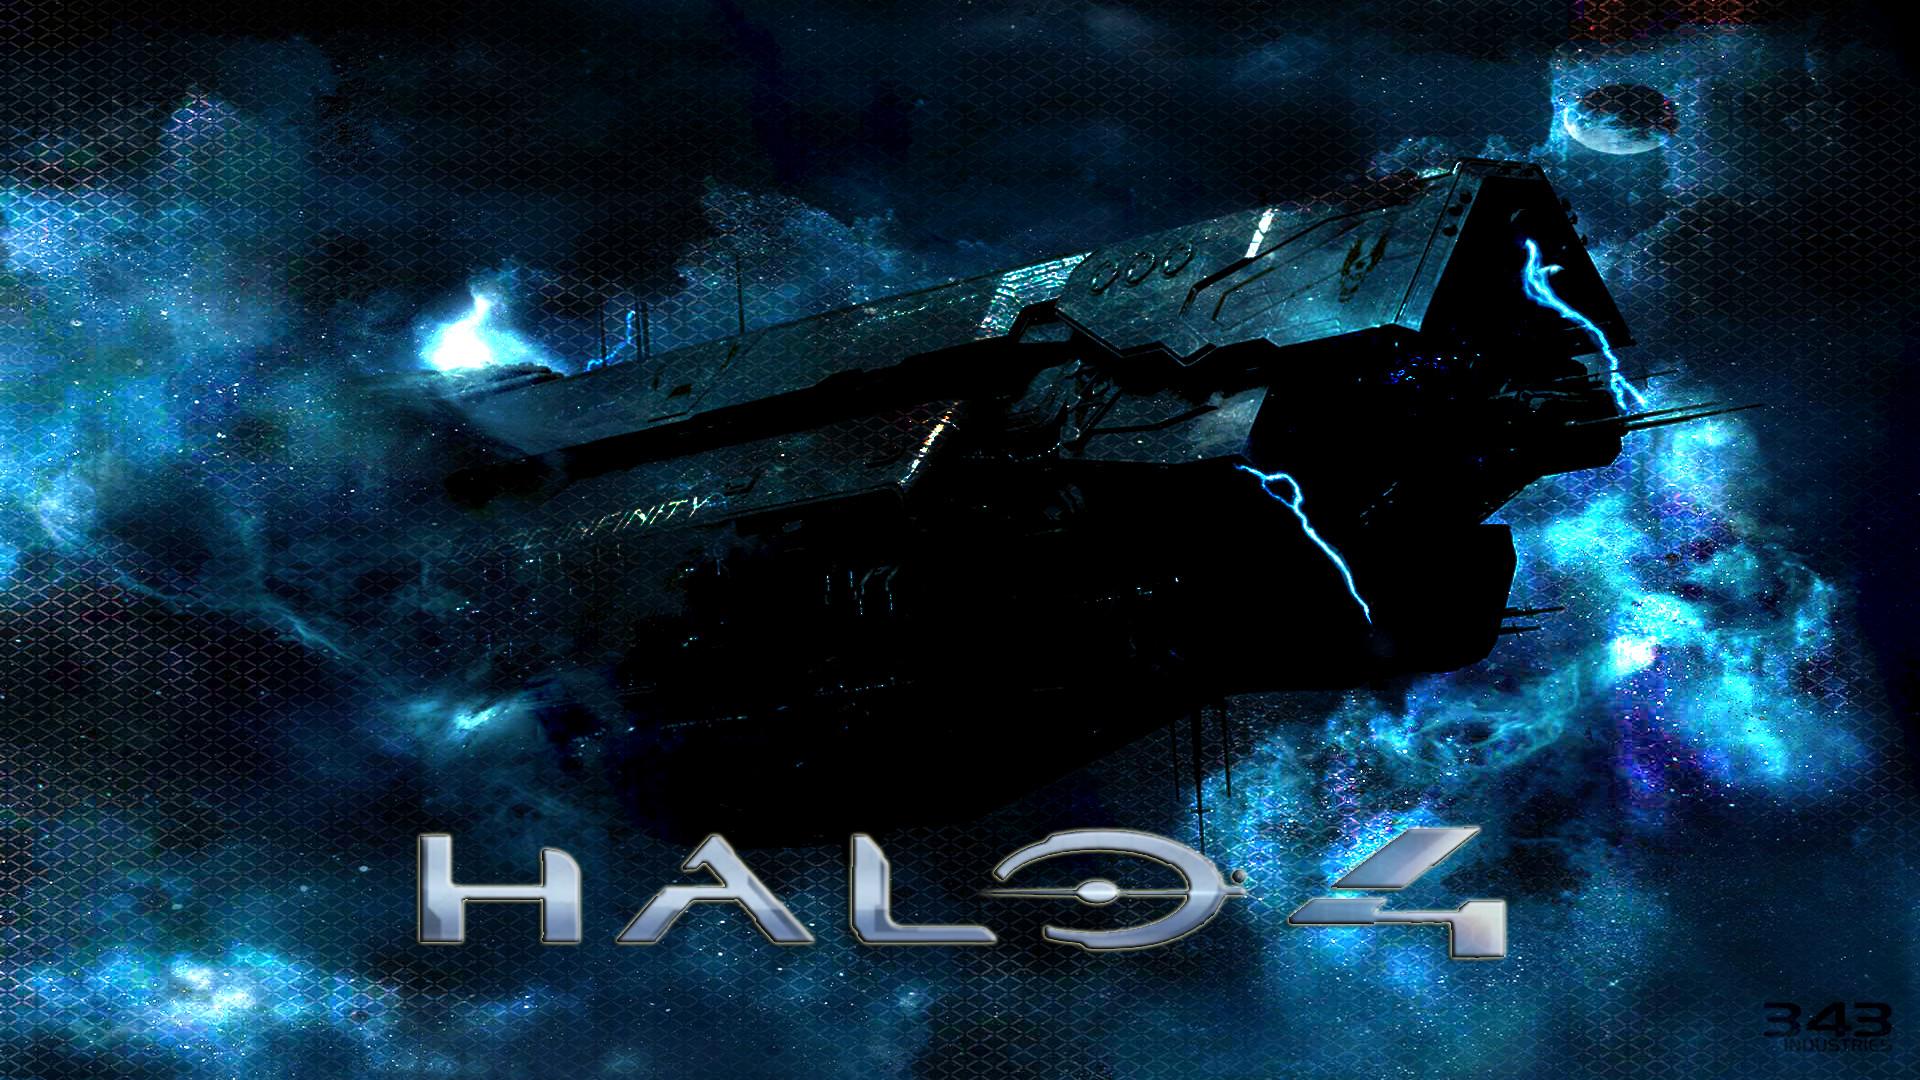 Res: 1920x1080, PC, Laptop Halo Waypoint Images, ModaFinilsale.com